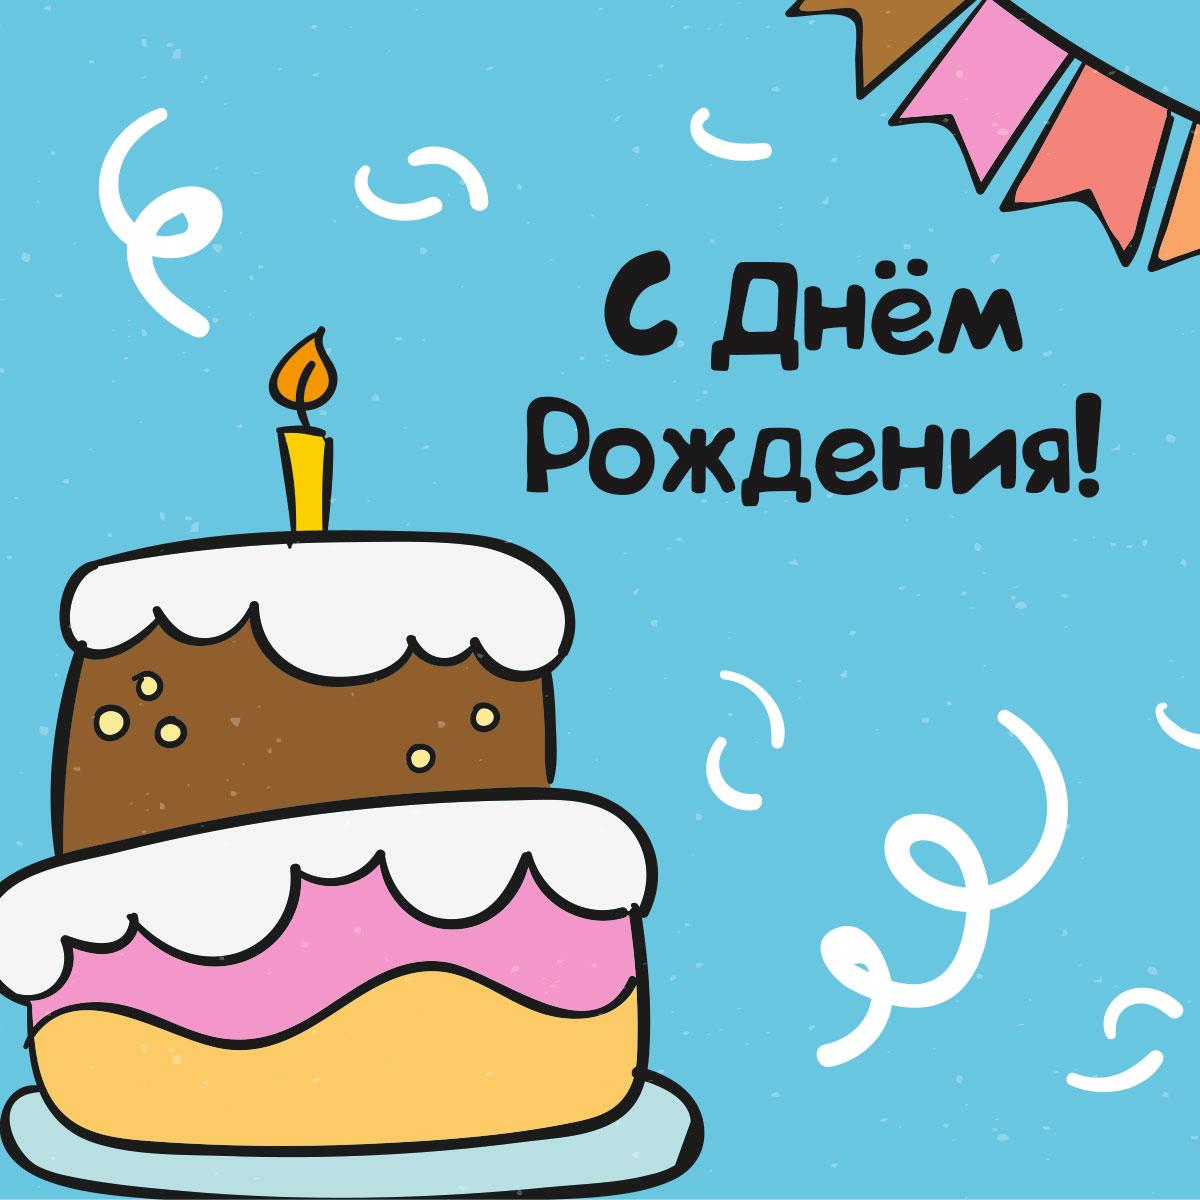 Картинка красивая открытка с днем рождения подруге с кремовым тортом на голубом фоне и поздравительной надписью.